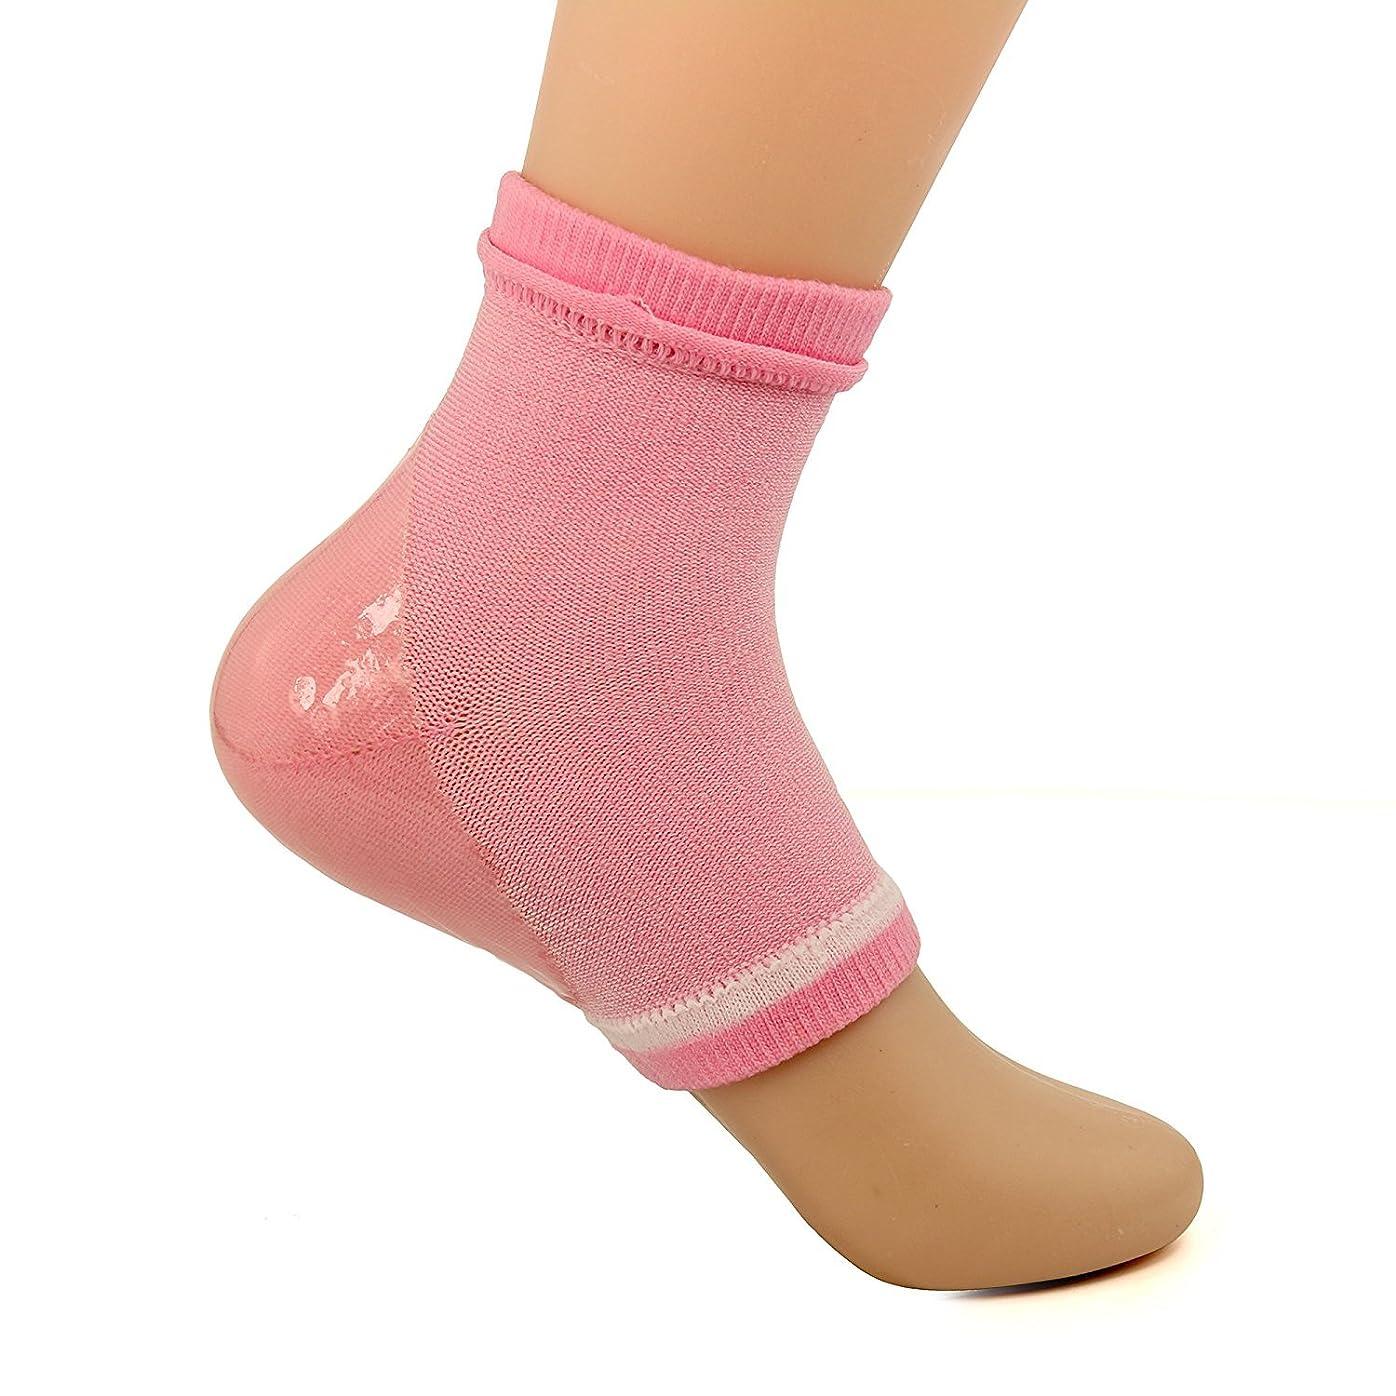 芽マニアむしろDr. Pedi spaジェルソックス かかとケア 保湿シート うるおい シリコン 保湿フリーサイズ 1セット (ピンク))